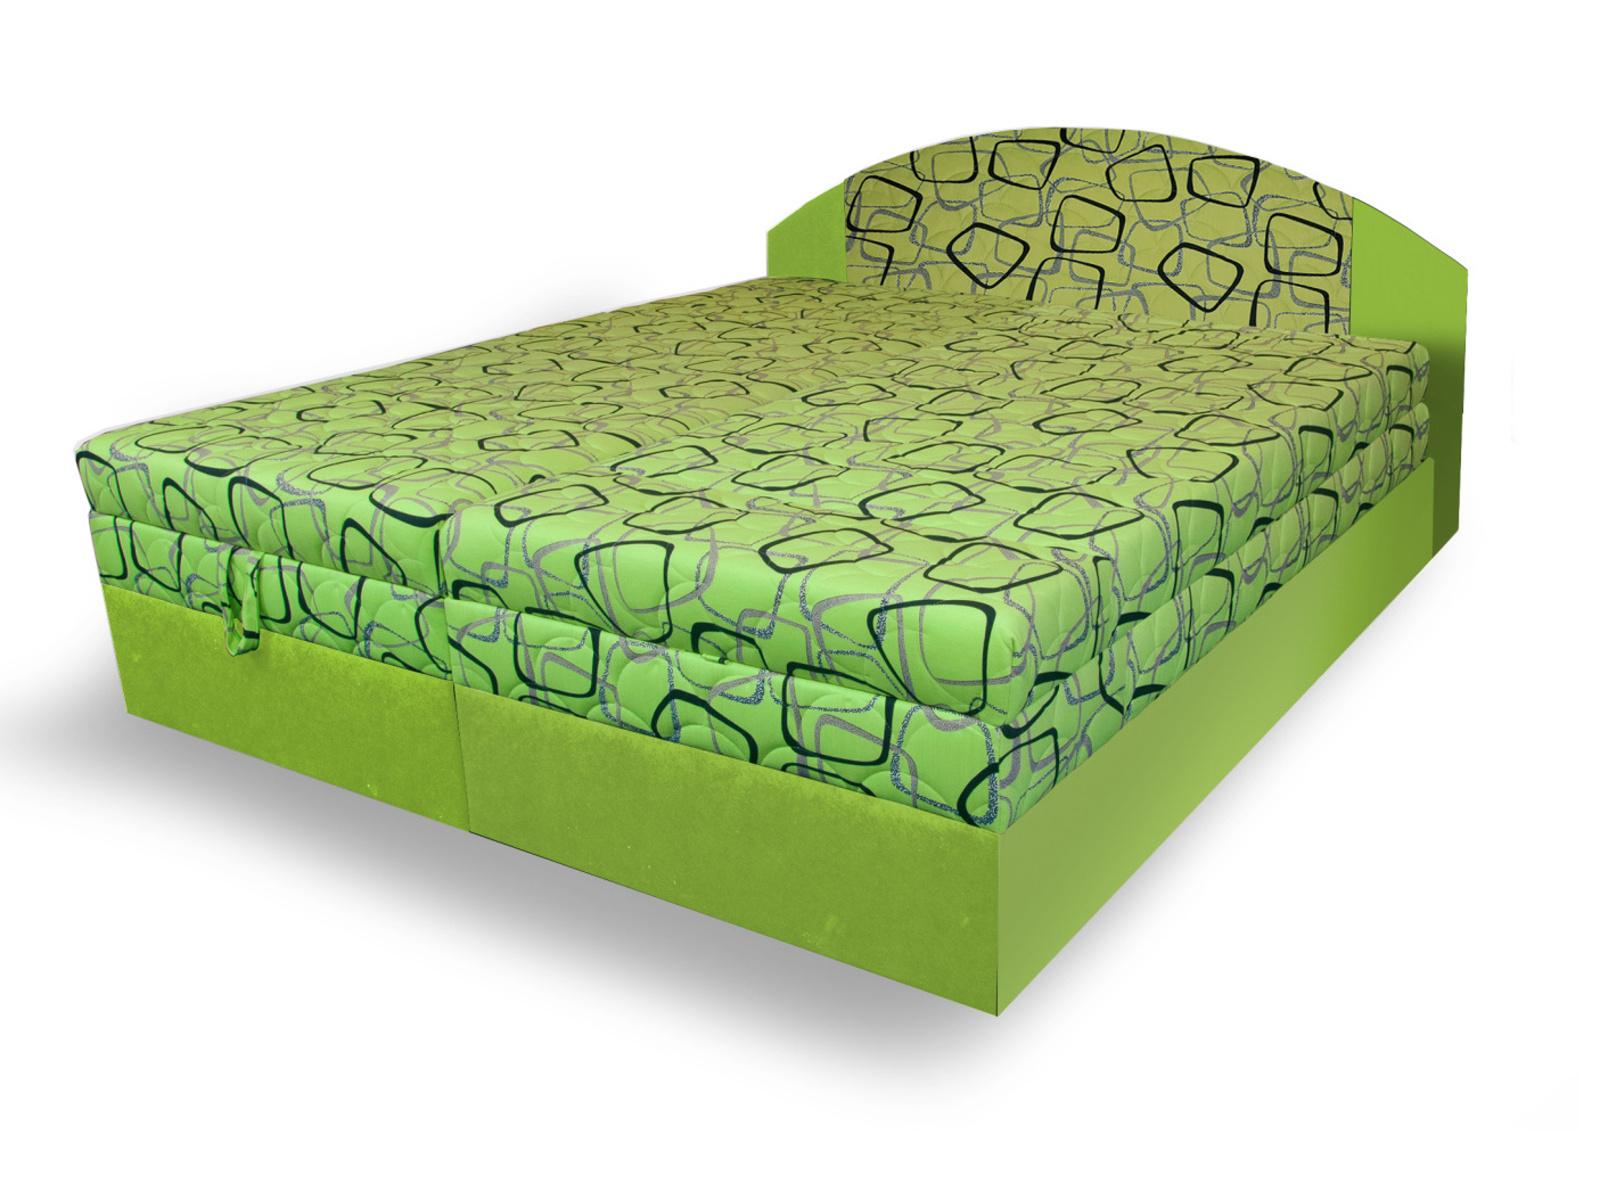 Smartshop Polohovací čalouněná postel VESNA 160x200 cm, zelená látka